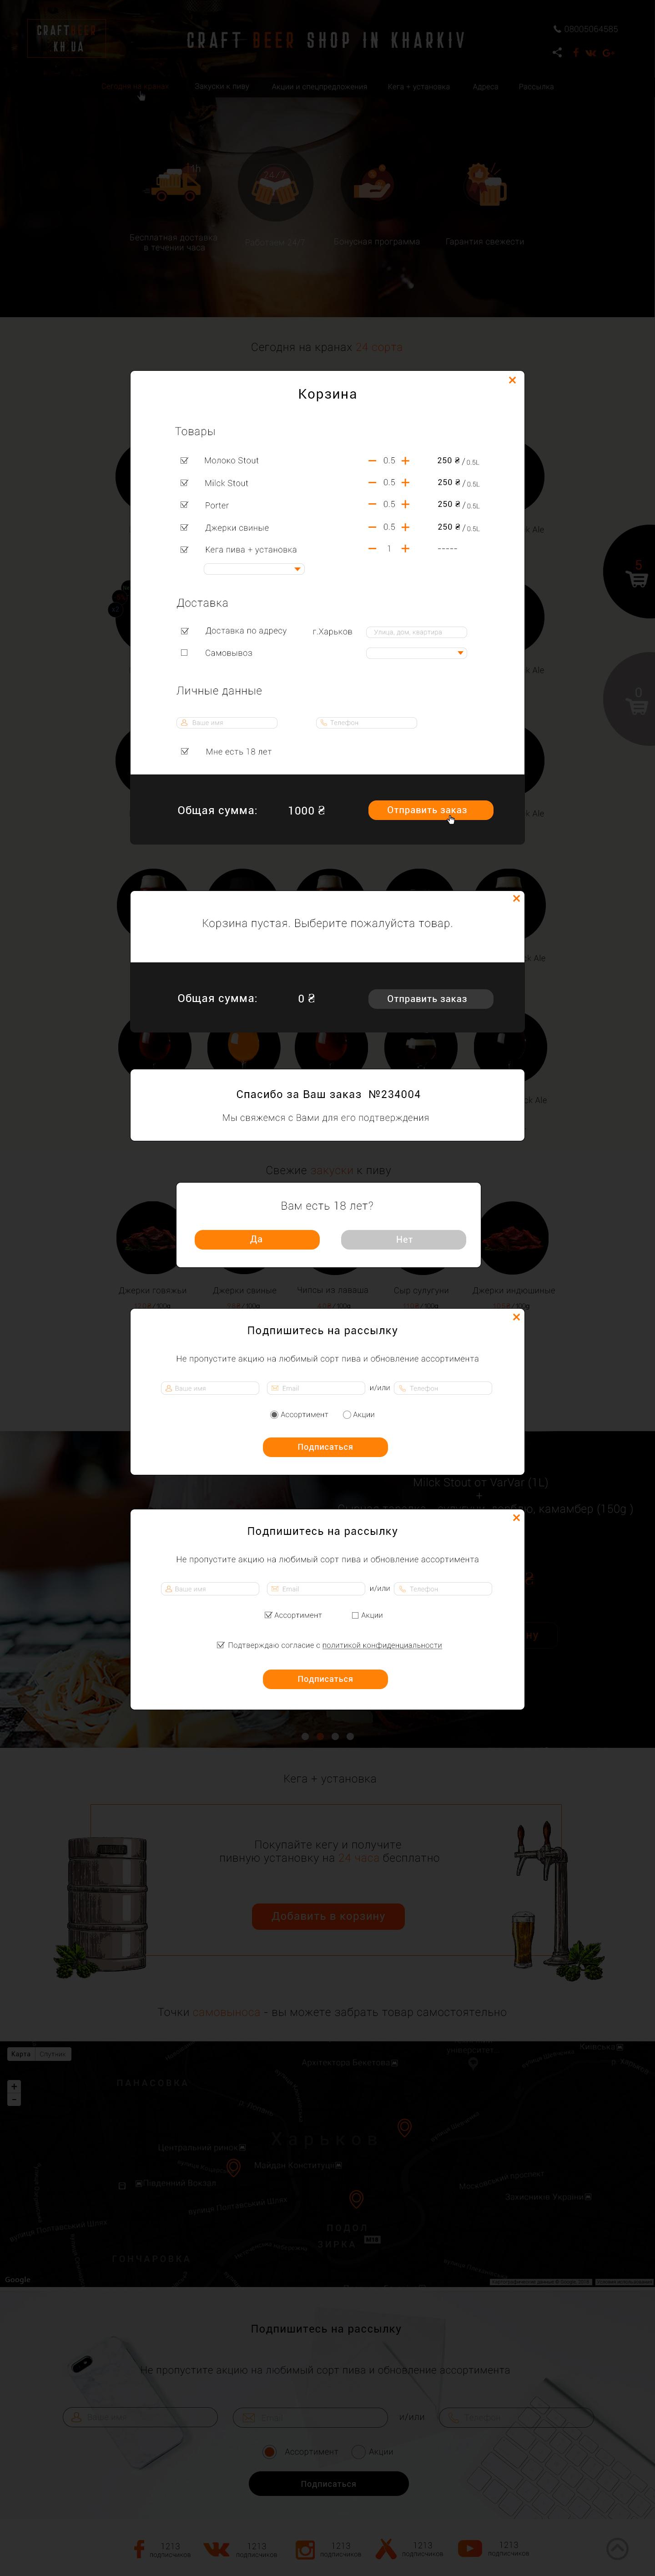 Дизайн лендинга, + страница Бонусов, + модальные окна фото f_0055a63631a8693d.jpg